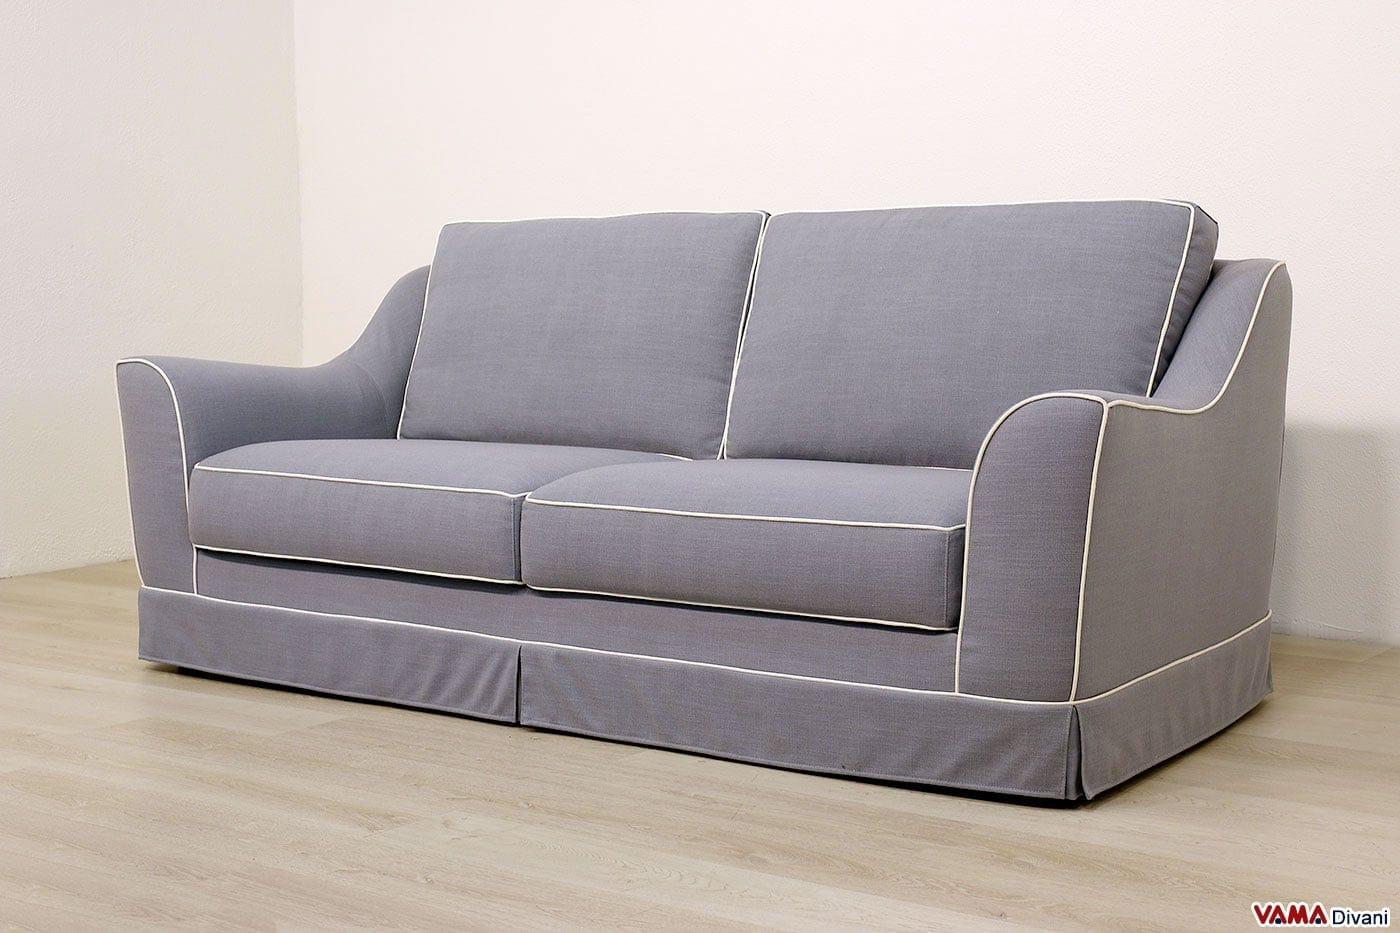 Stoffe per divani simple tessuto canapone tar with stoffe per divani successivo with stoffe - Ikea tessuti per divani ...